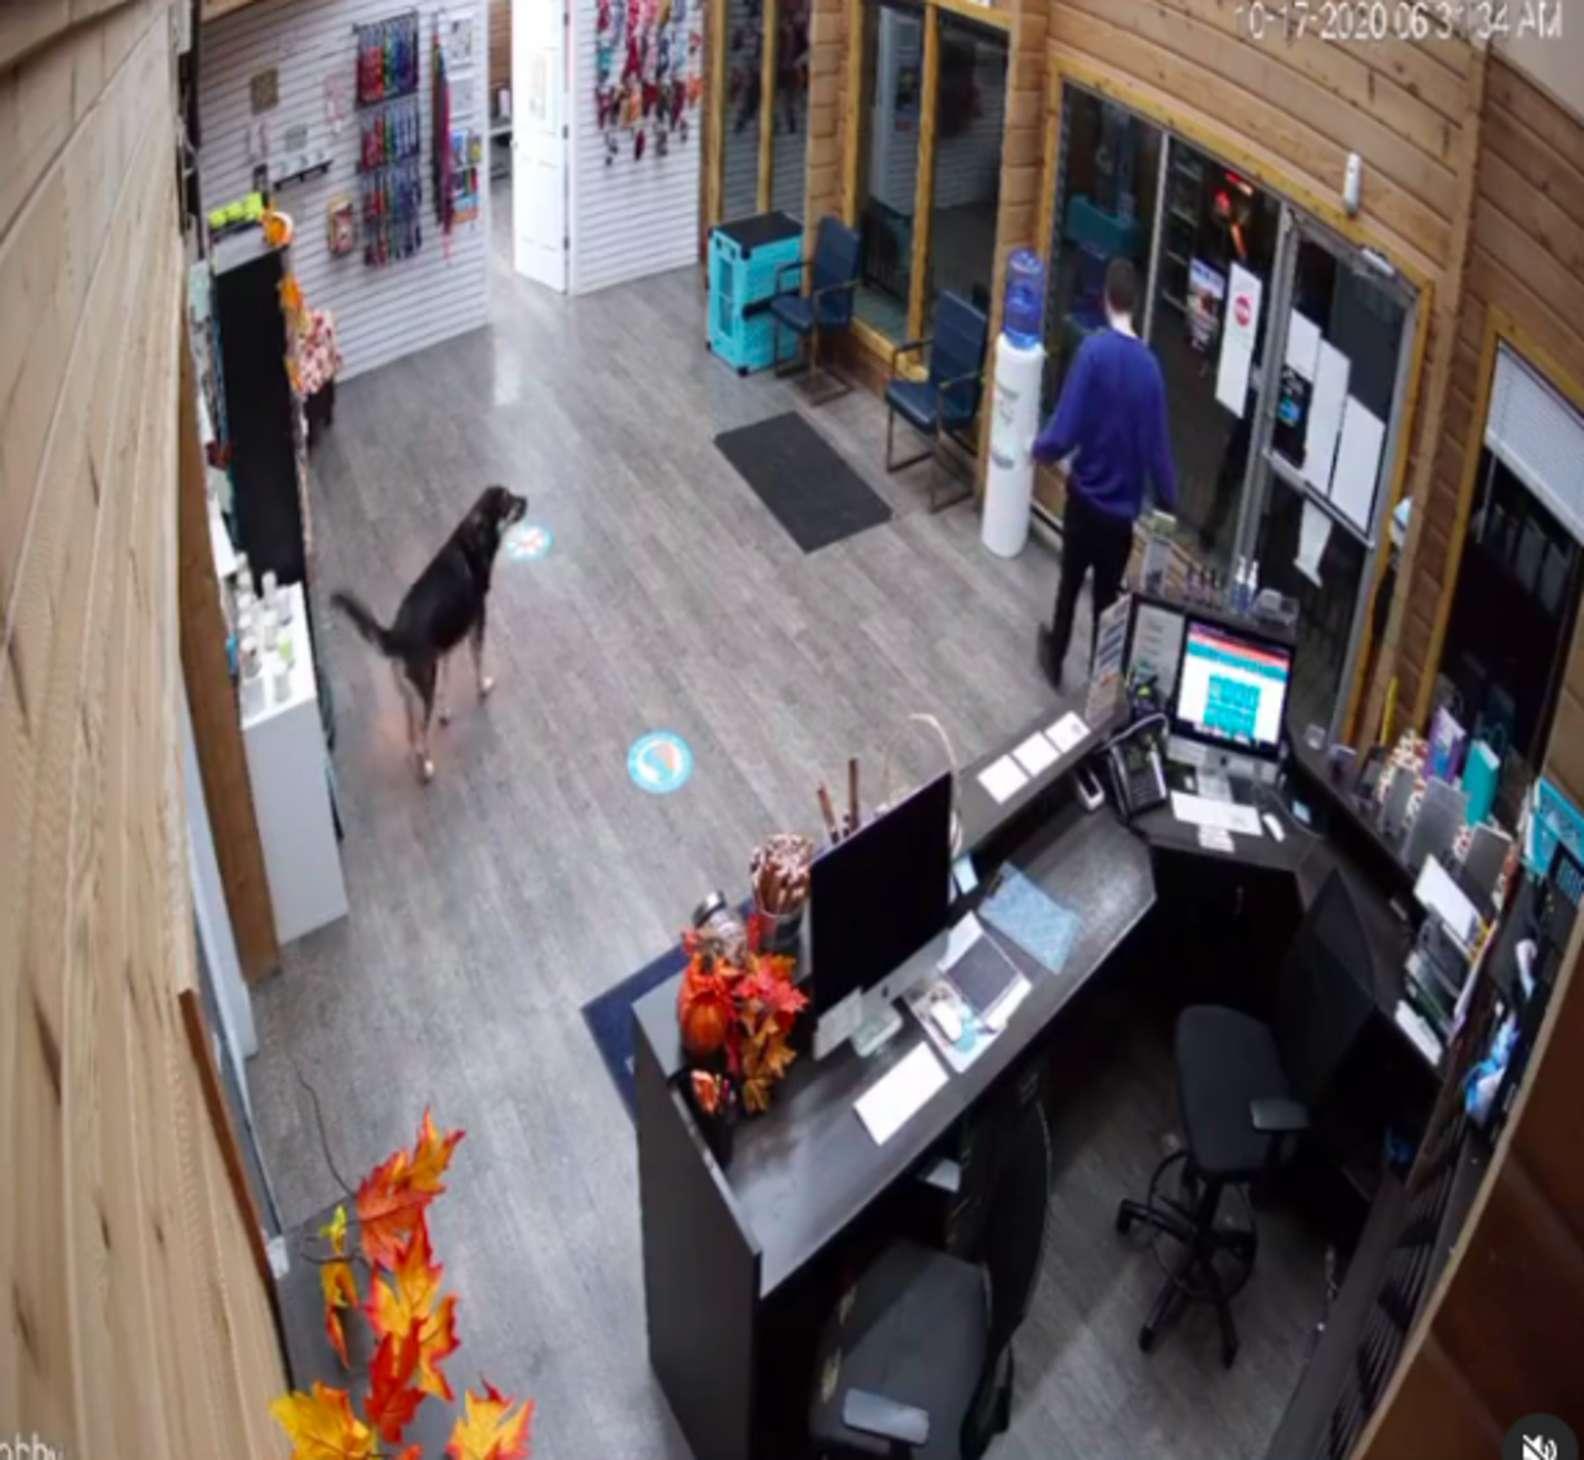 獨立狗「自己上旅館」 尾巴開直升機太興奮:跟朋友有約啦~